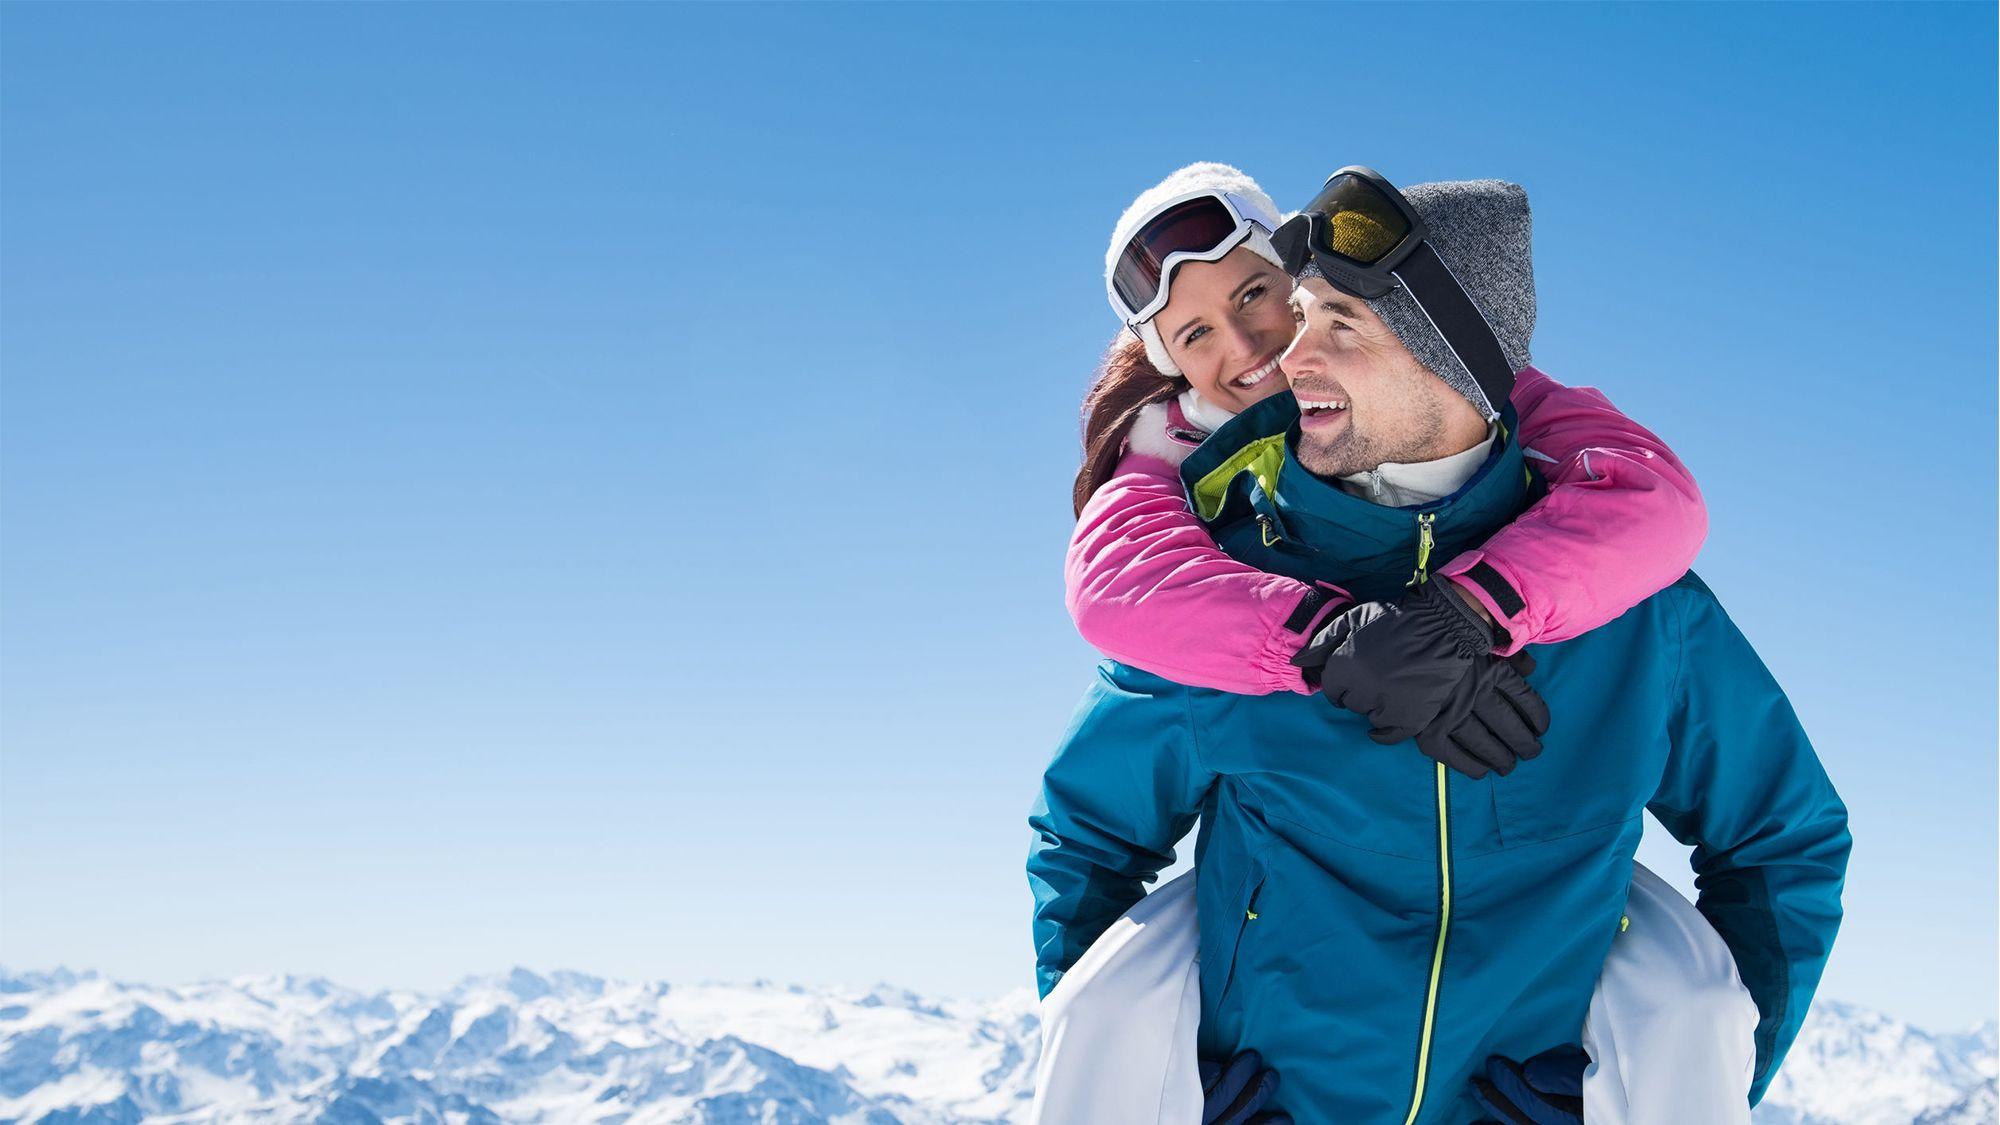 Ragazzo con ragazza in spalla con abbigliamento comprato da Lapponia sport